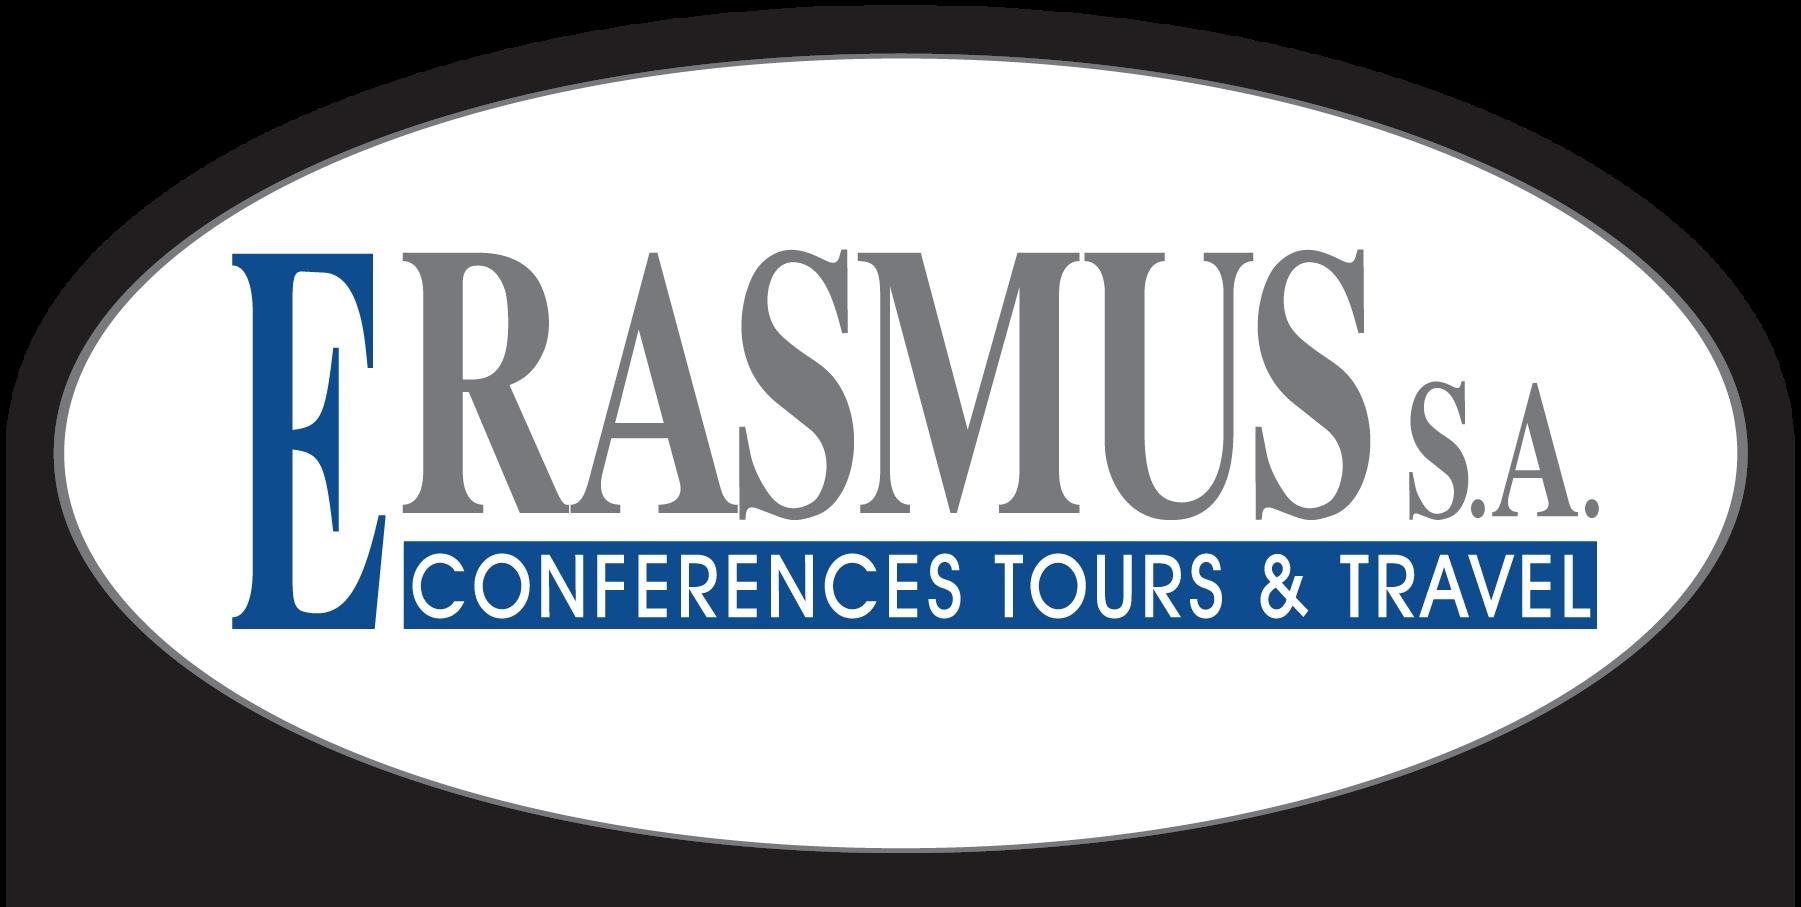 2. Erasmus Conferences Tours & Travel S.A.